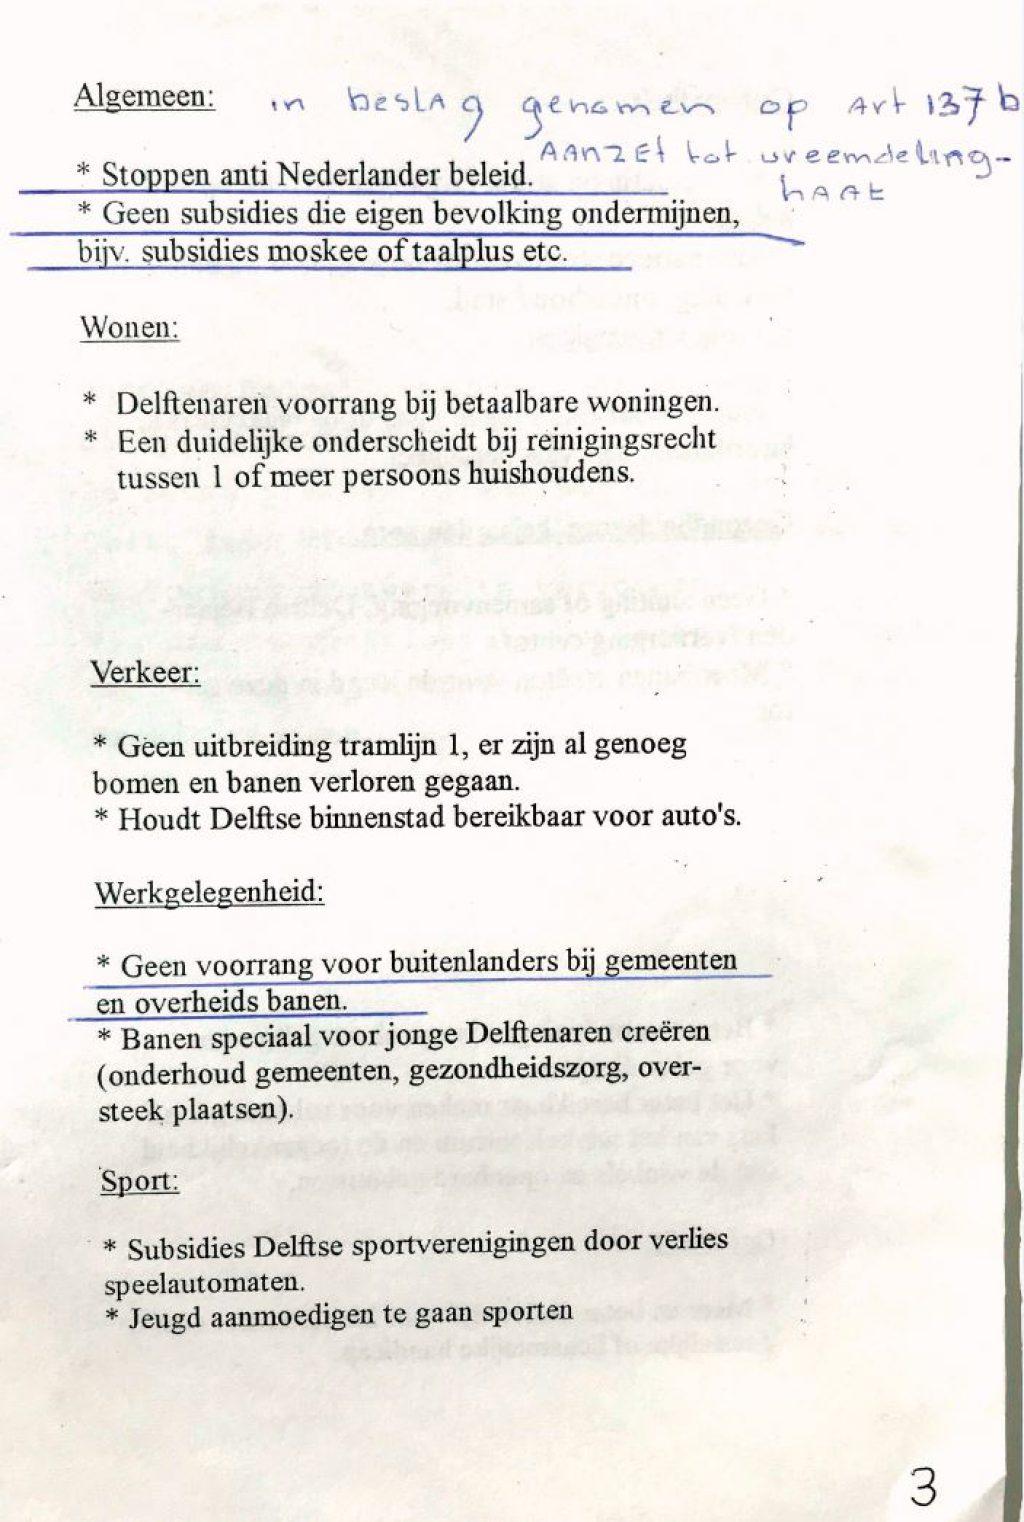 Documentatieverzameling nr. 303, partijprogramma Centrumdemocraten 1994, de originele versie (Bibliotheek)